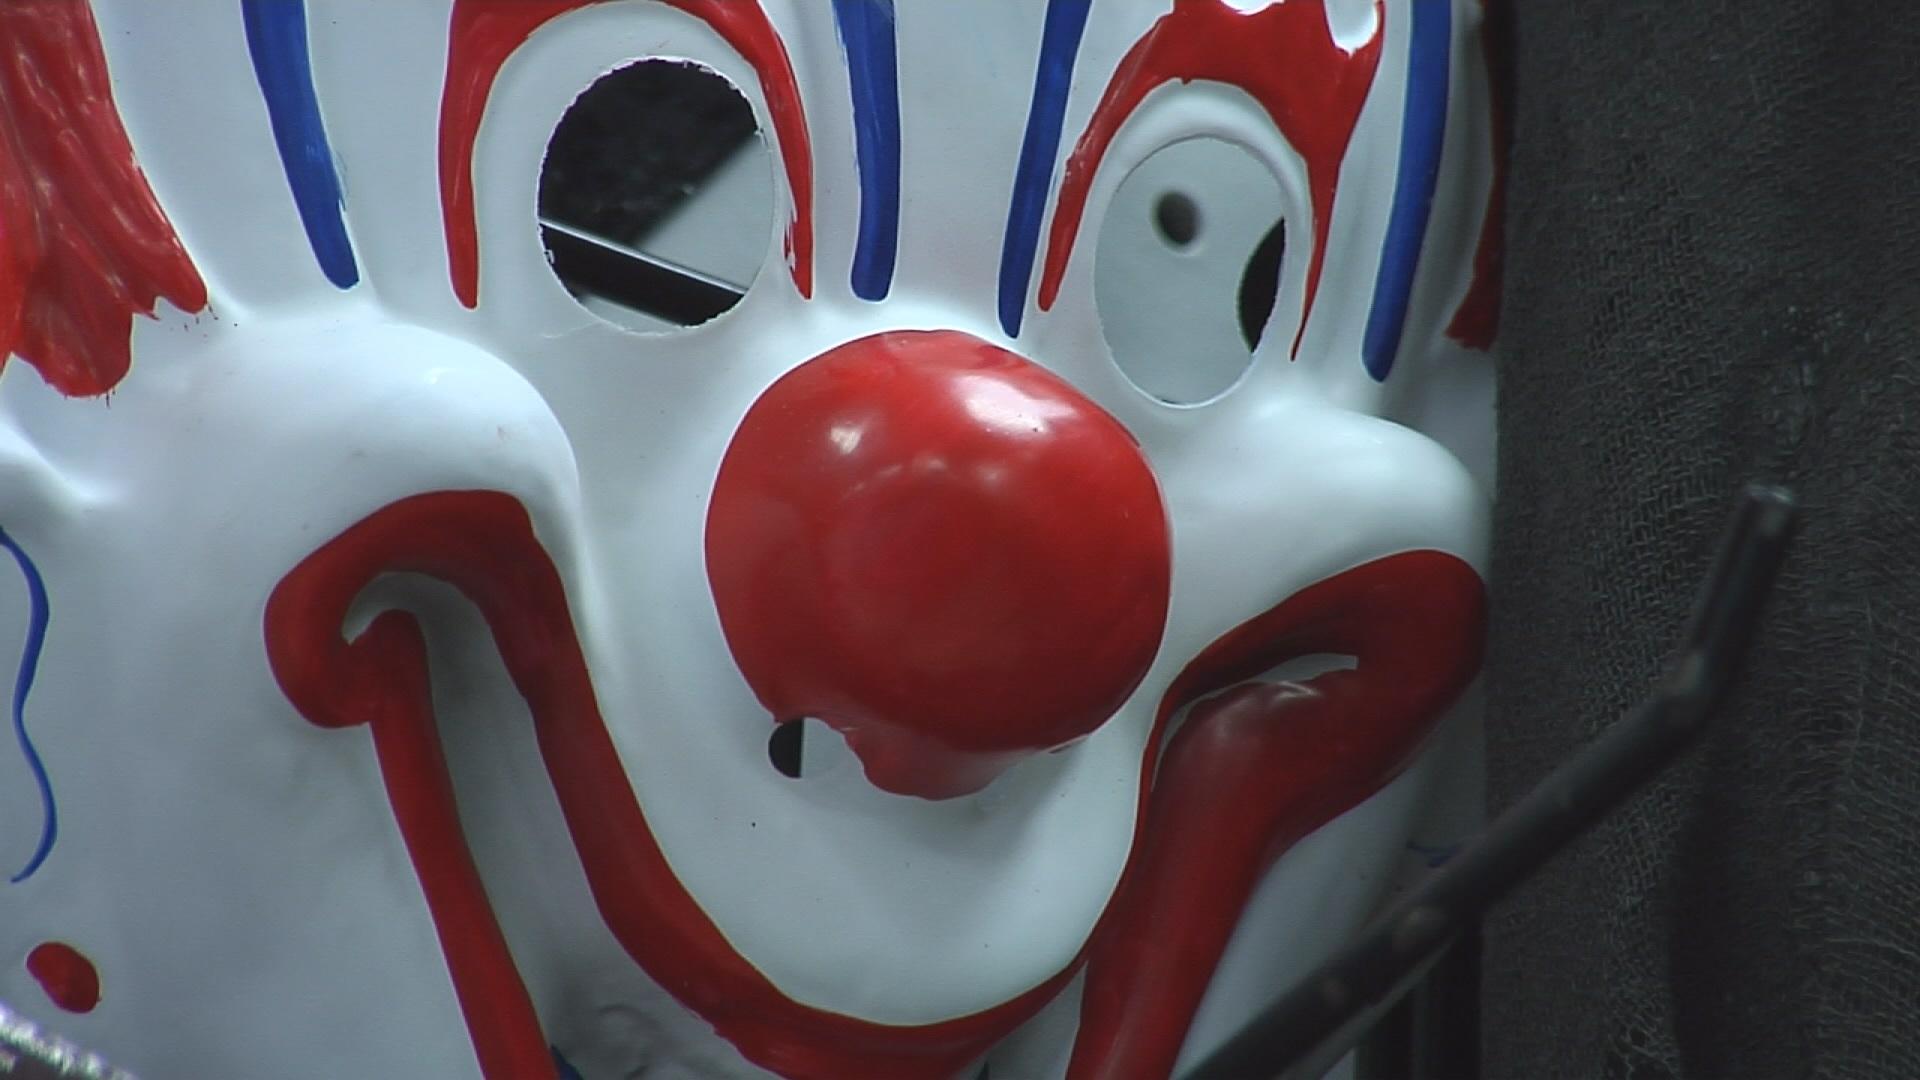 clownpic_195364